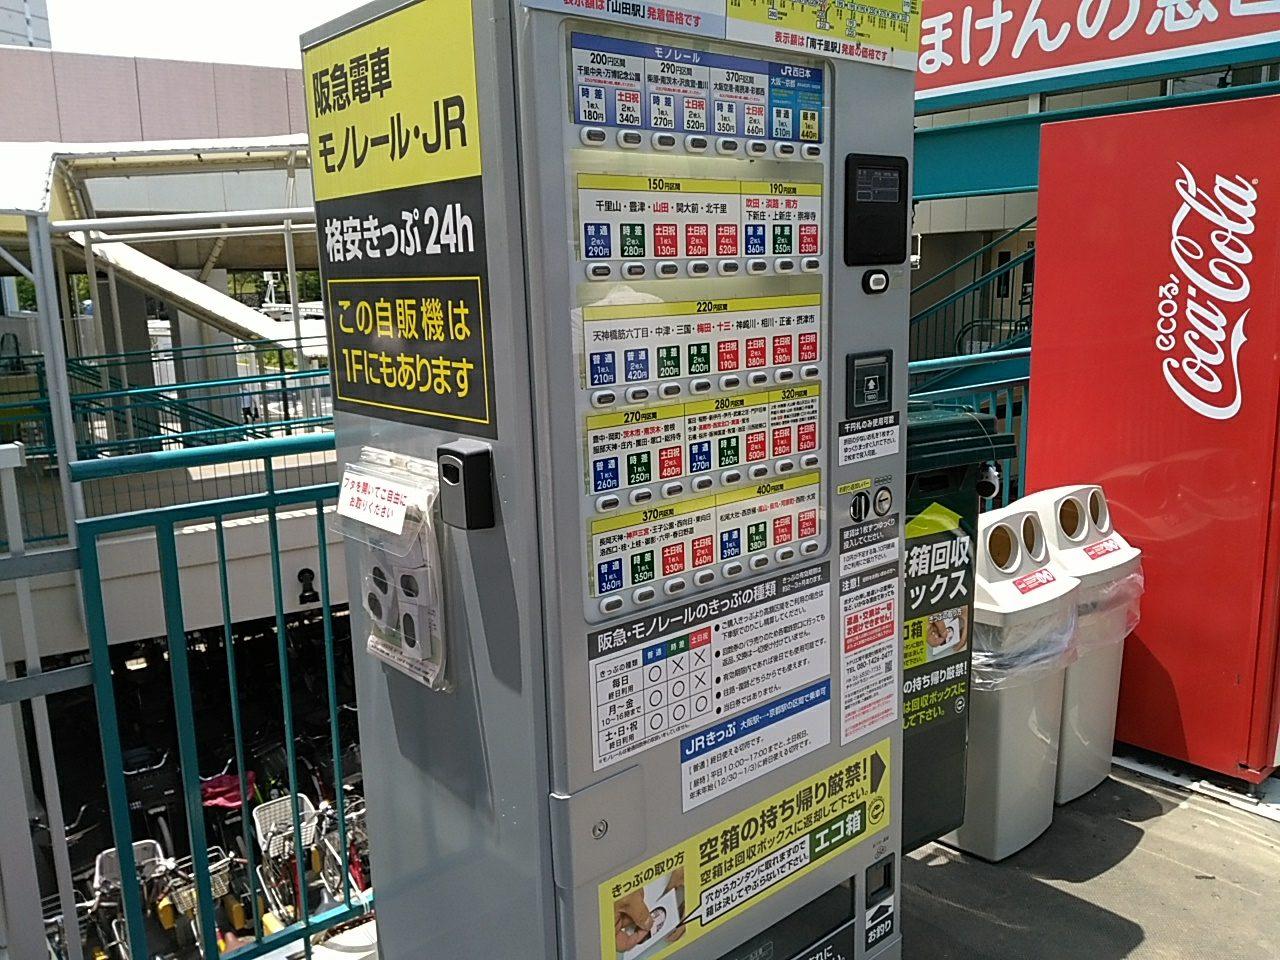 切符自動販売機